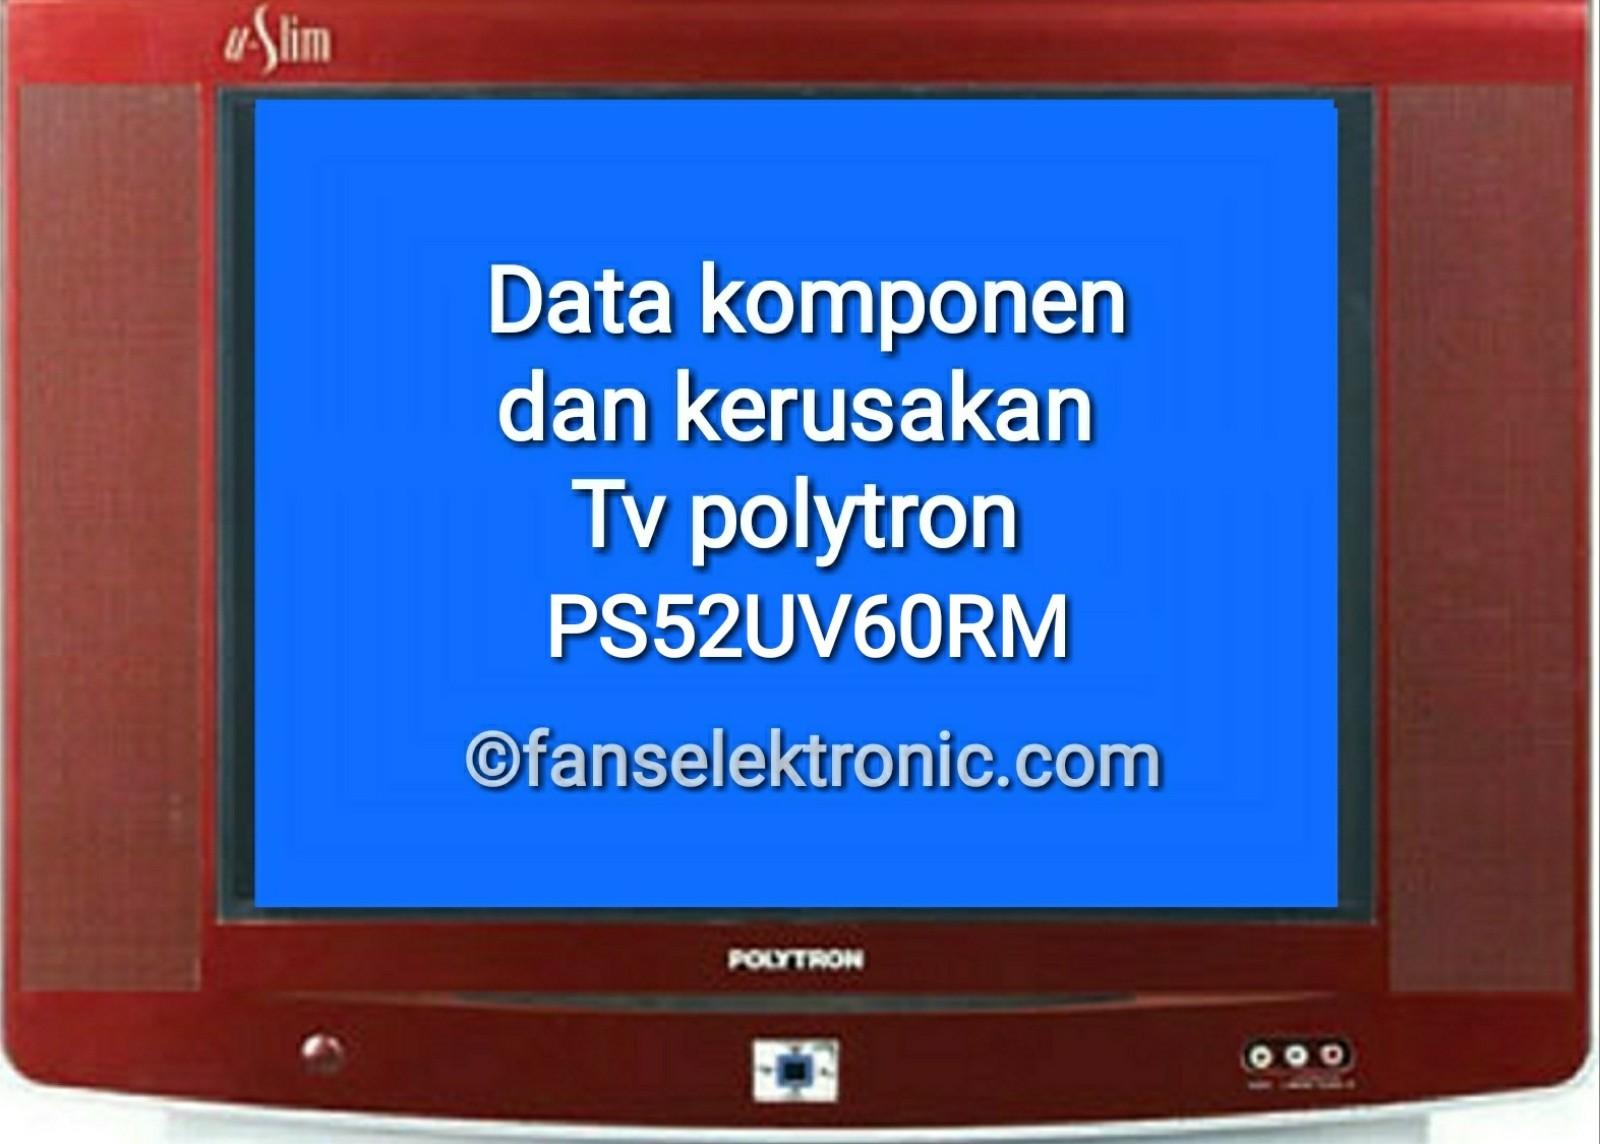 mengatasi tv polytron ps 52uv60rm rusak dan data parameter